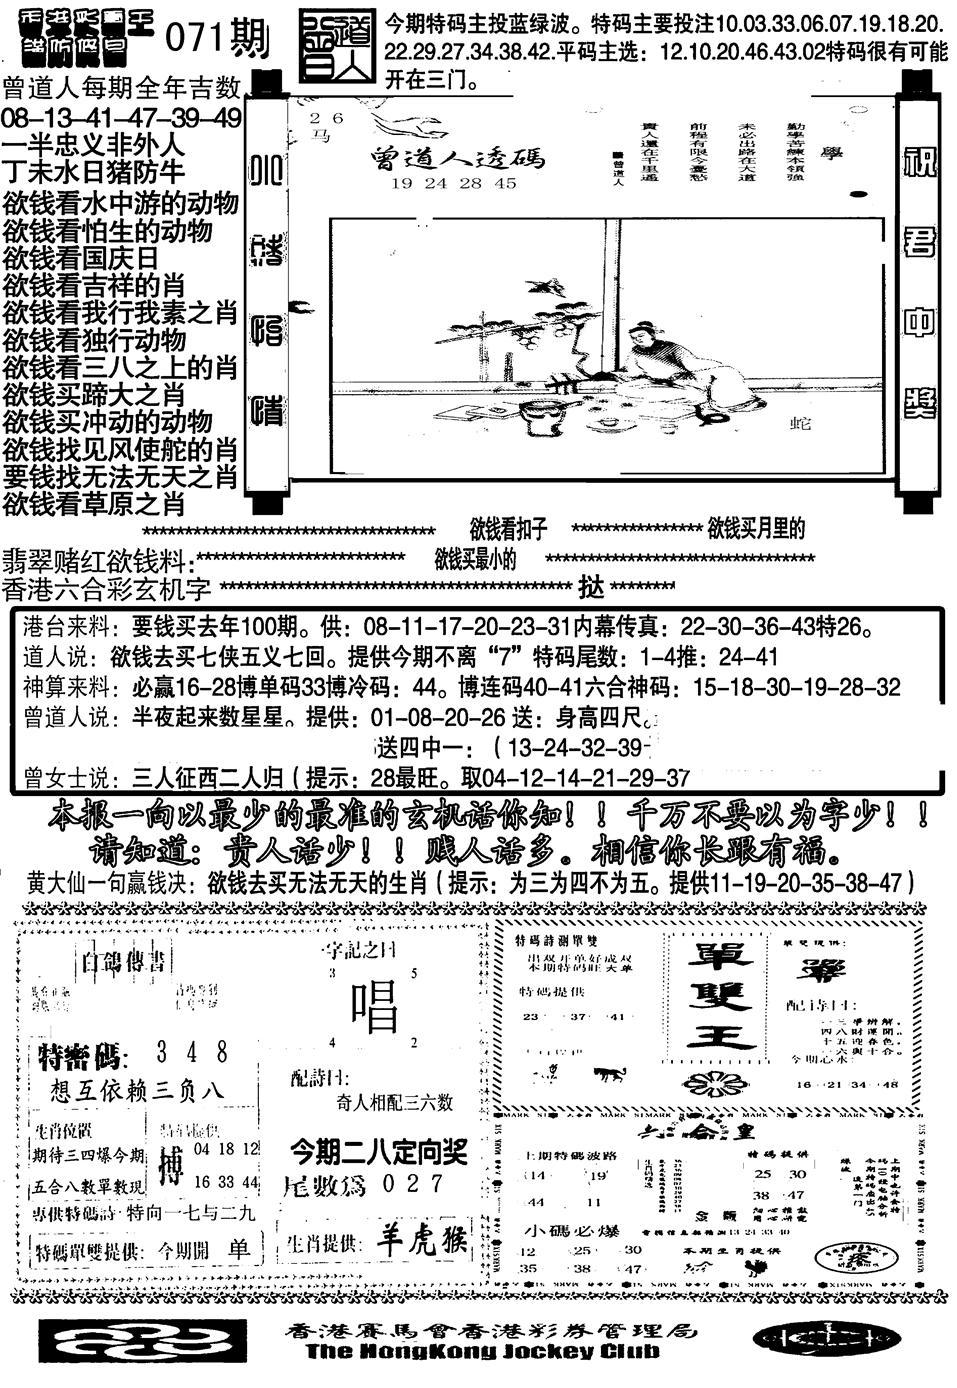 071期大刀彩霸王B(黑白)